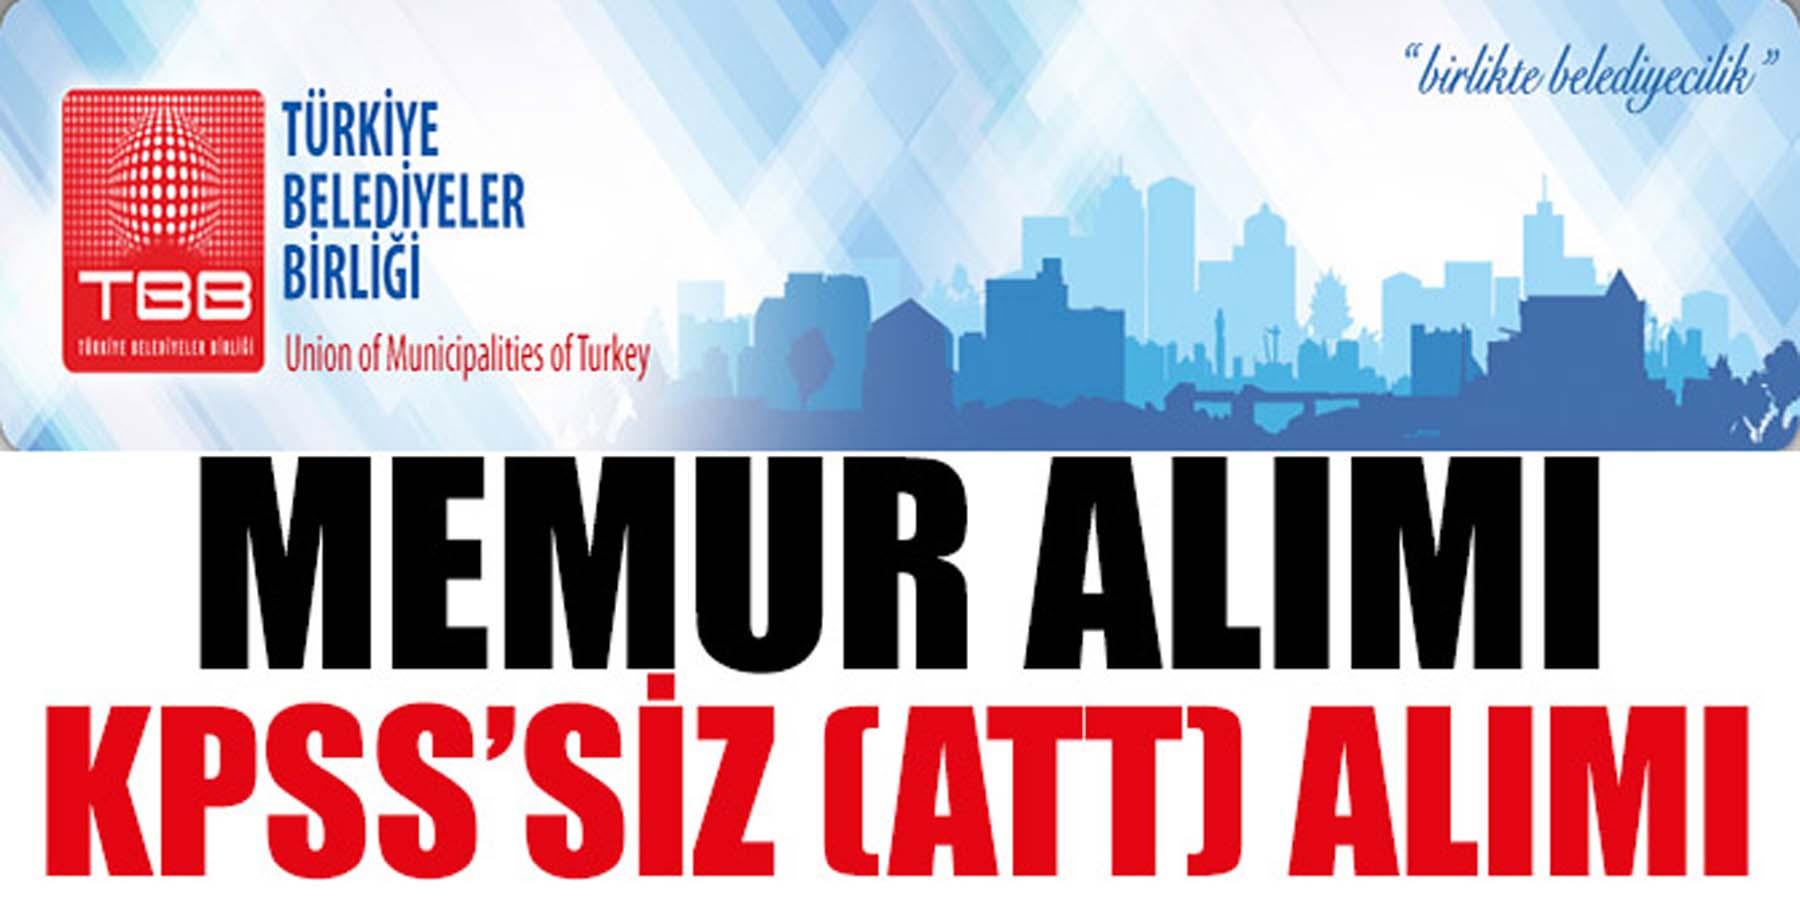 TBB ve Büyükşehir Belediye KPSS'siz 5 Memur Alımı (ATT)